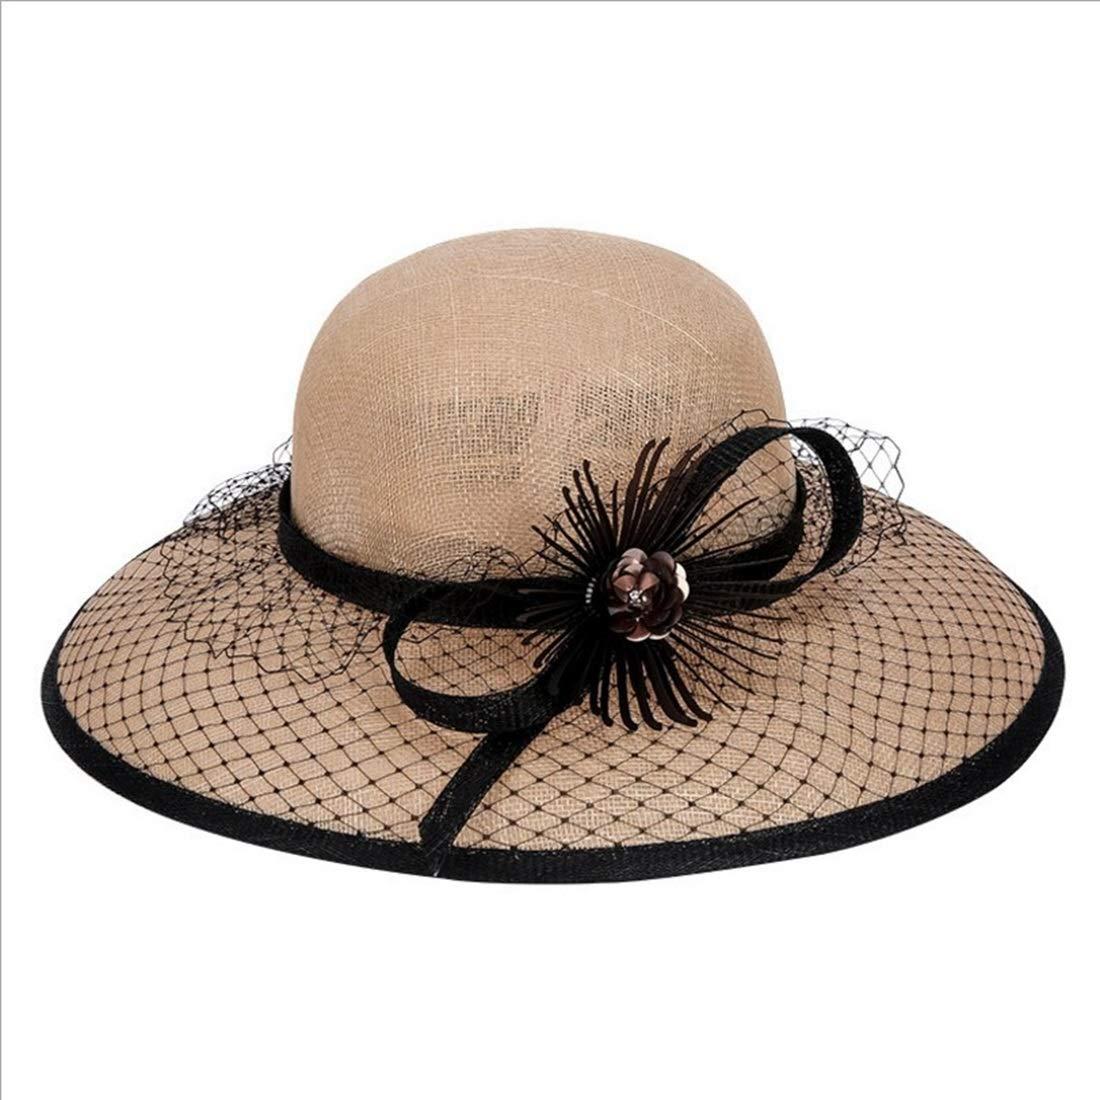 Beige KERVINJESSIE Beige Summer Straw Hat Cool Beach Hat Ladies Hat (color   Beige, Size   One Size)